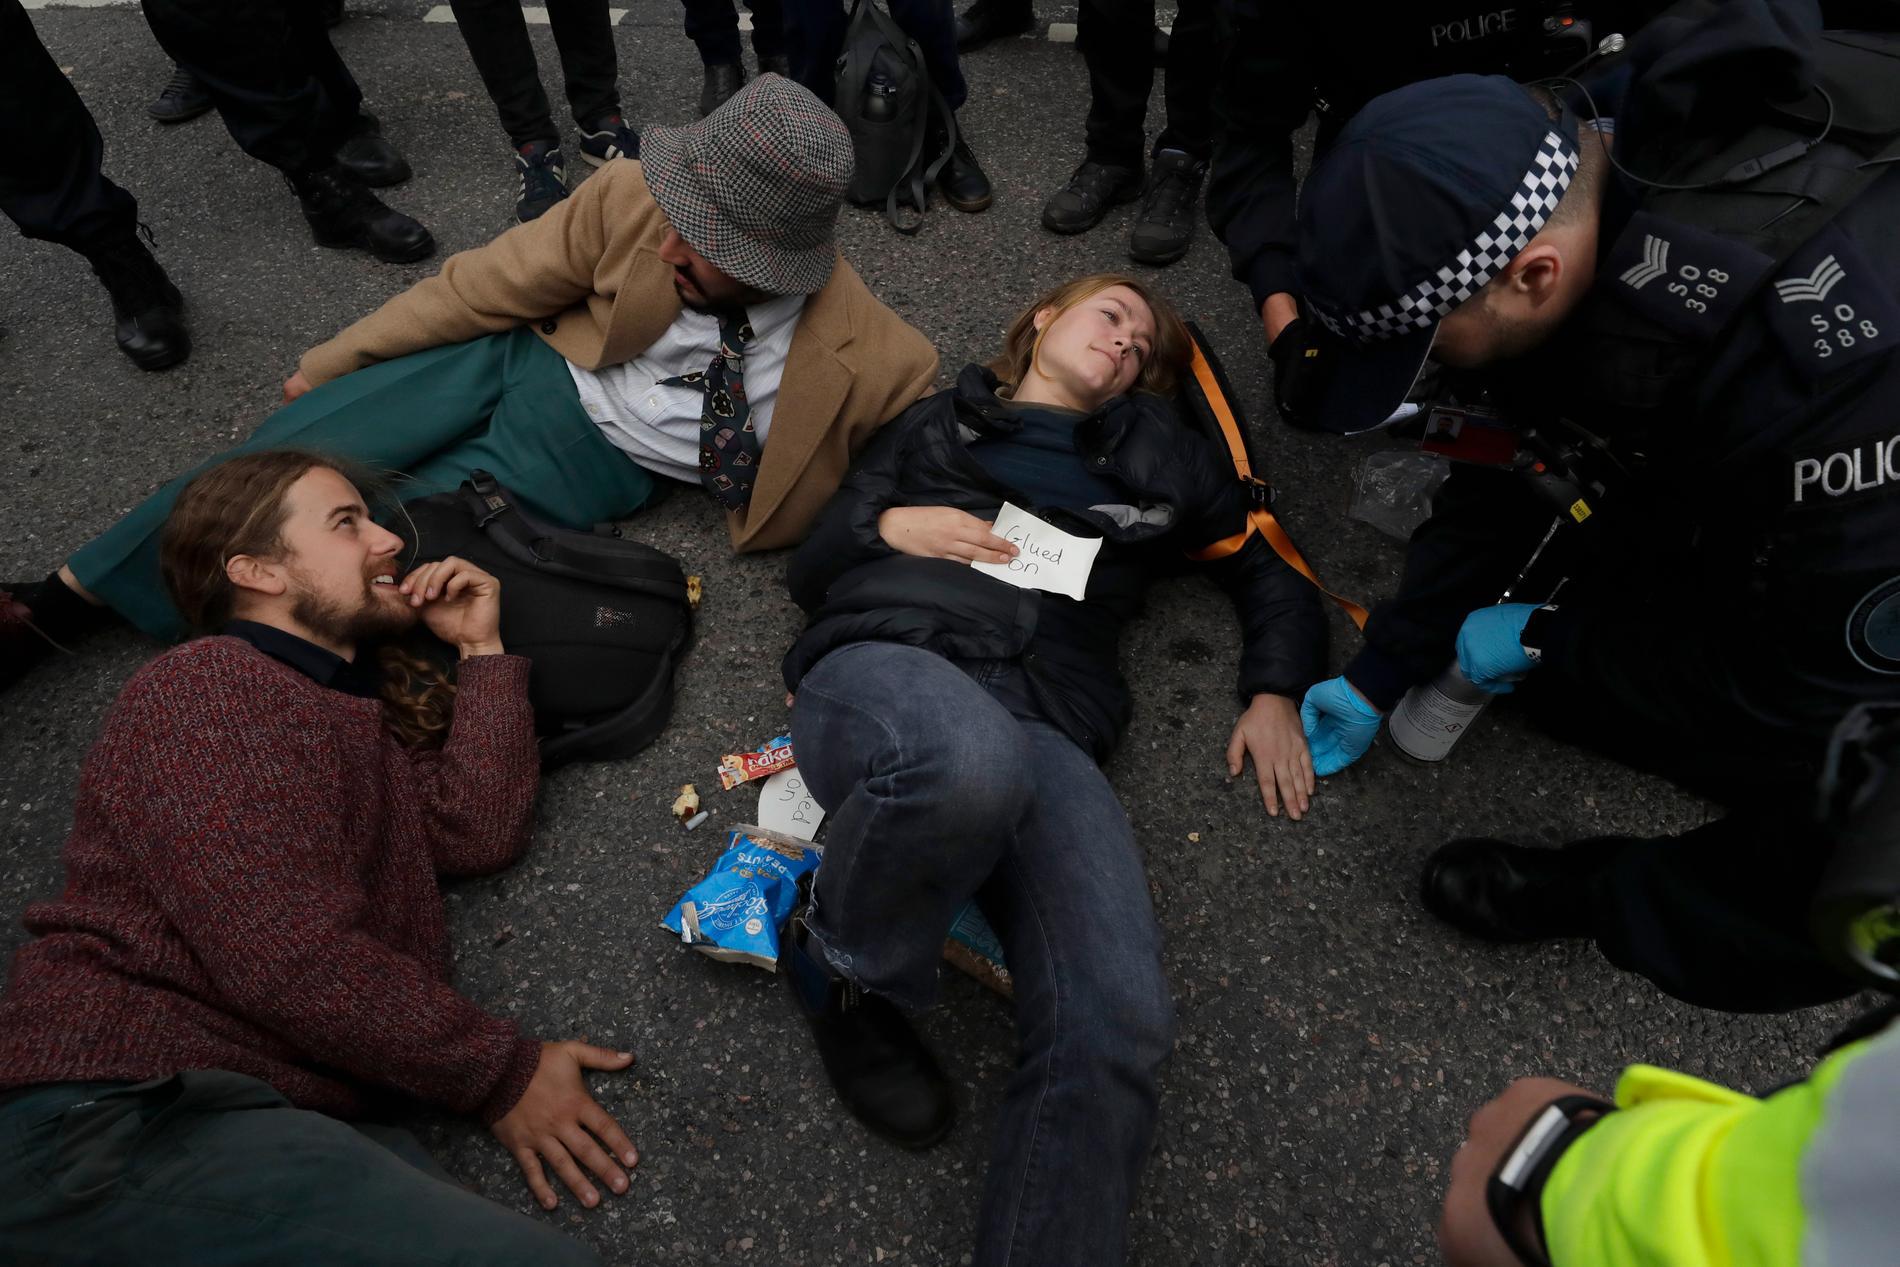 Det var fler än James Brown som limmade fast sina händer under miljöprotesten i London. Här hjälper polisen en kvinna som limmat fast handen i marken. Arkivbild.